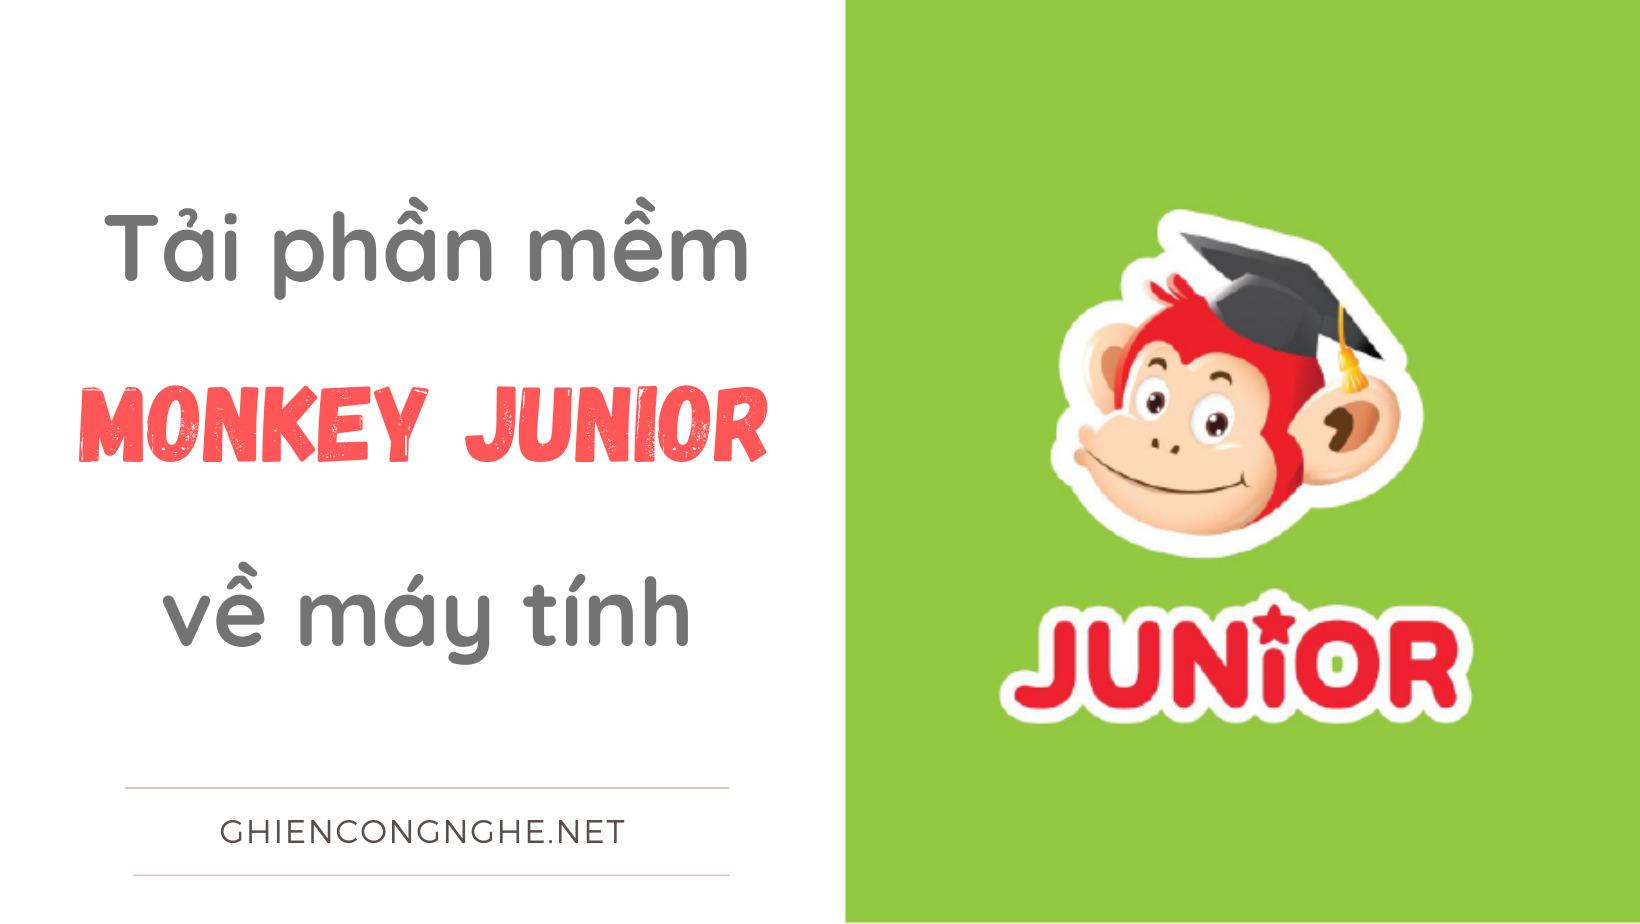 Cách tải phần mềm học tiếng Anh Monkey Junior cho máy tính